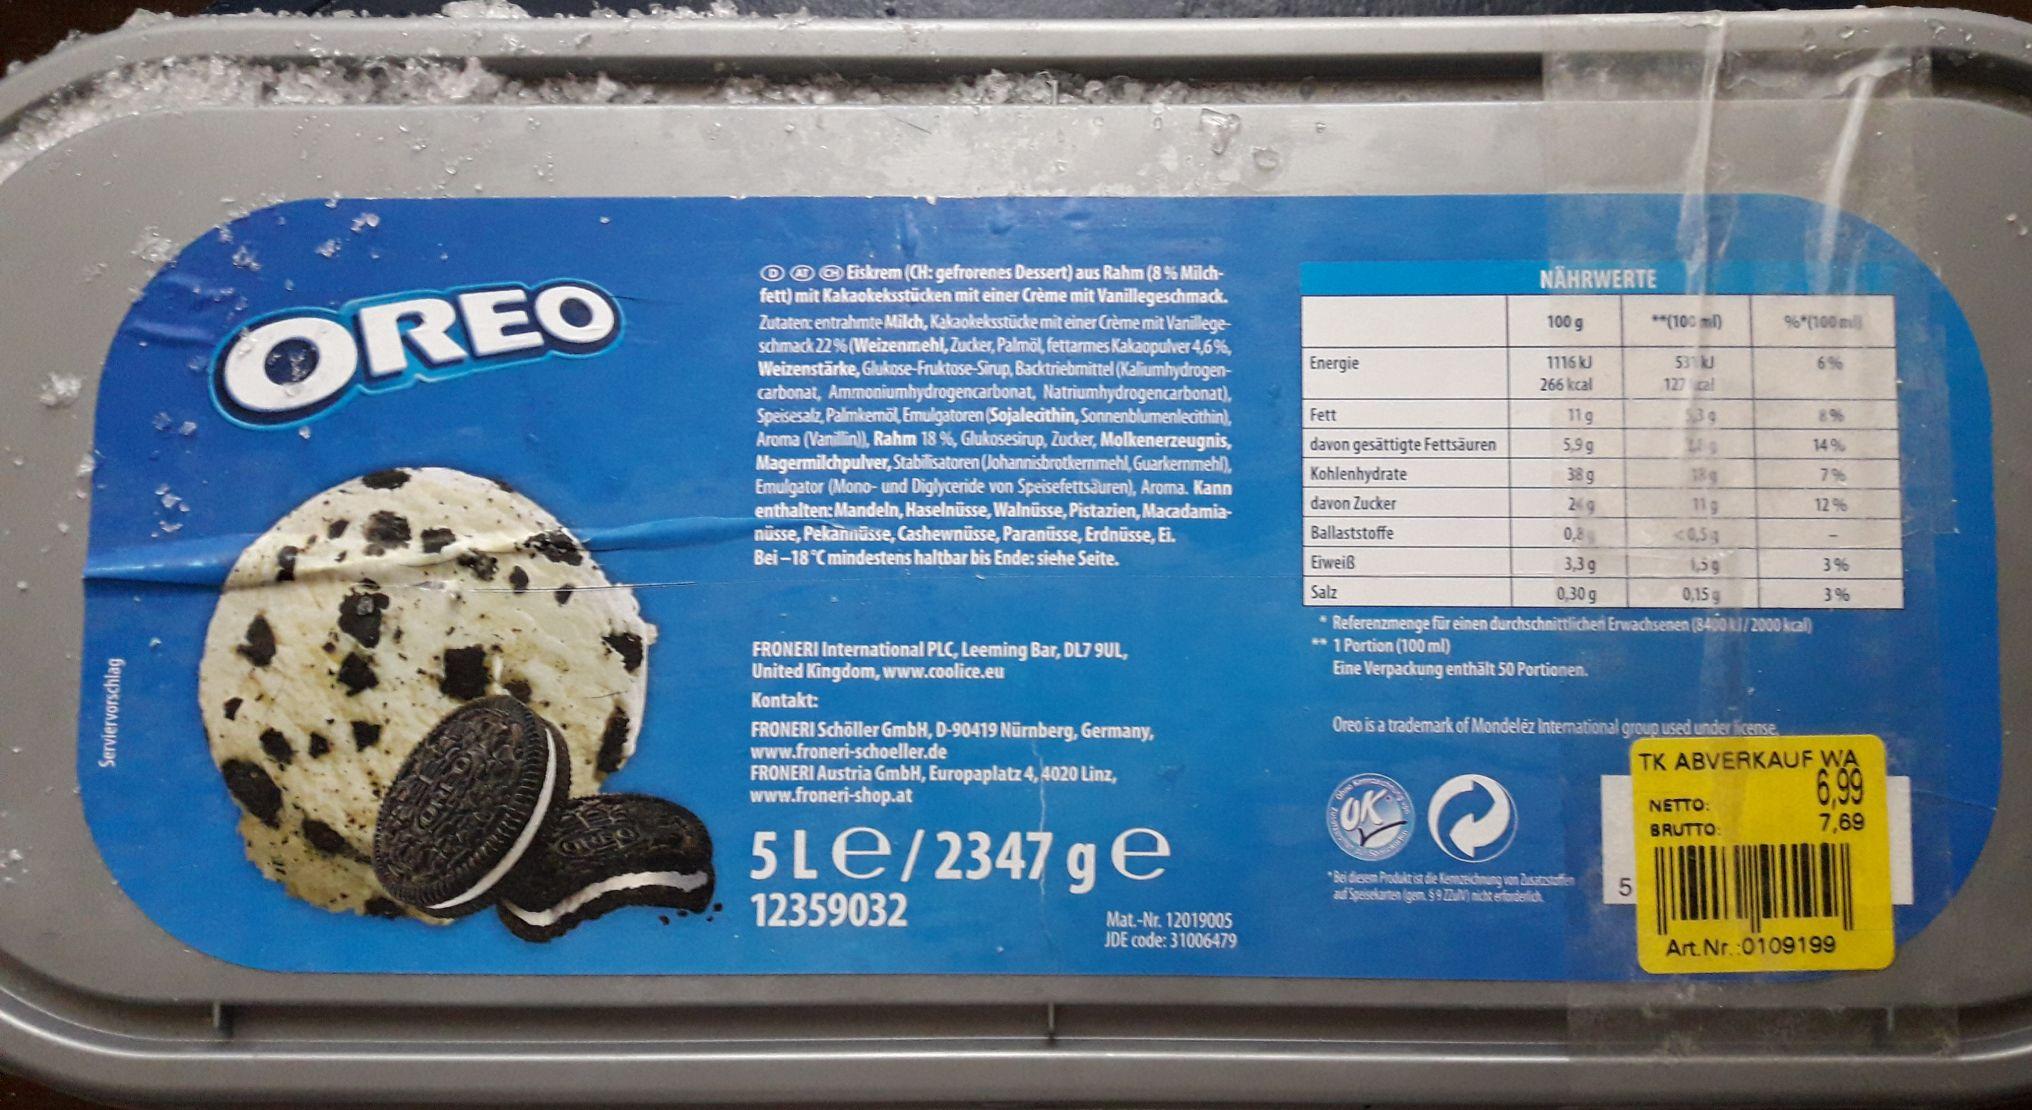 [Metro] 5 Liter Oreo-/Milka-Eis Abverkauf